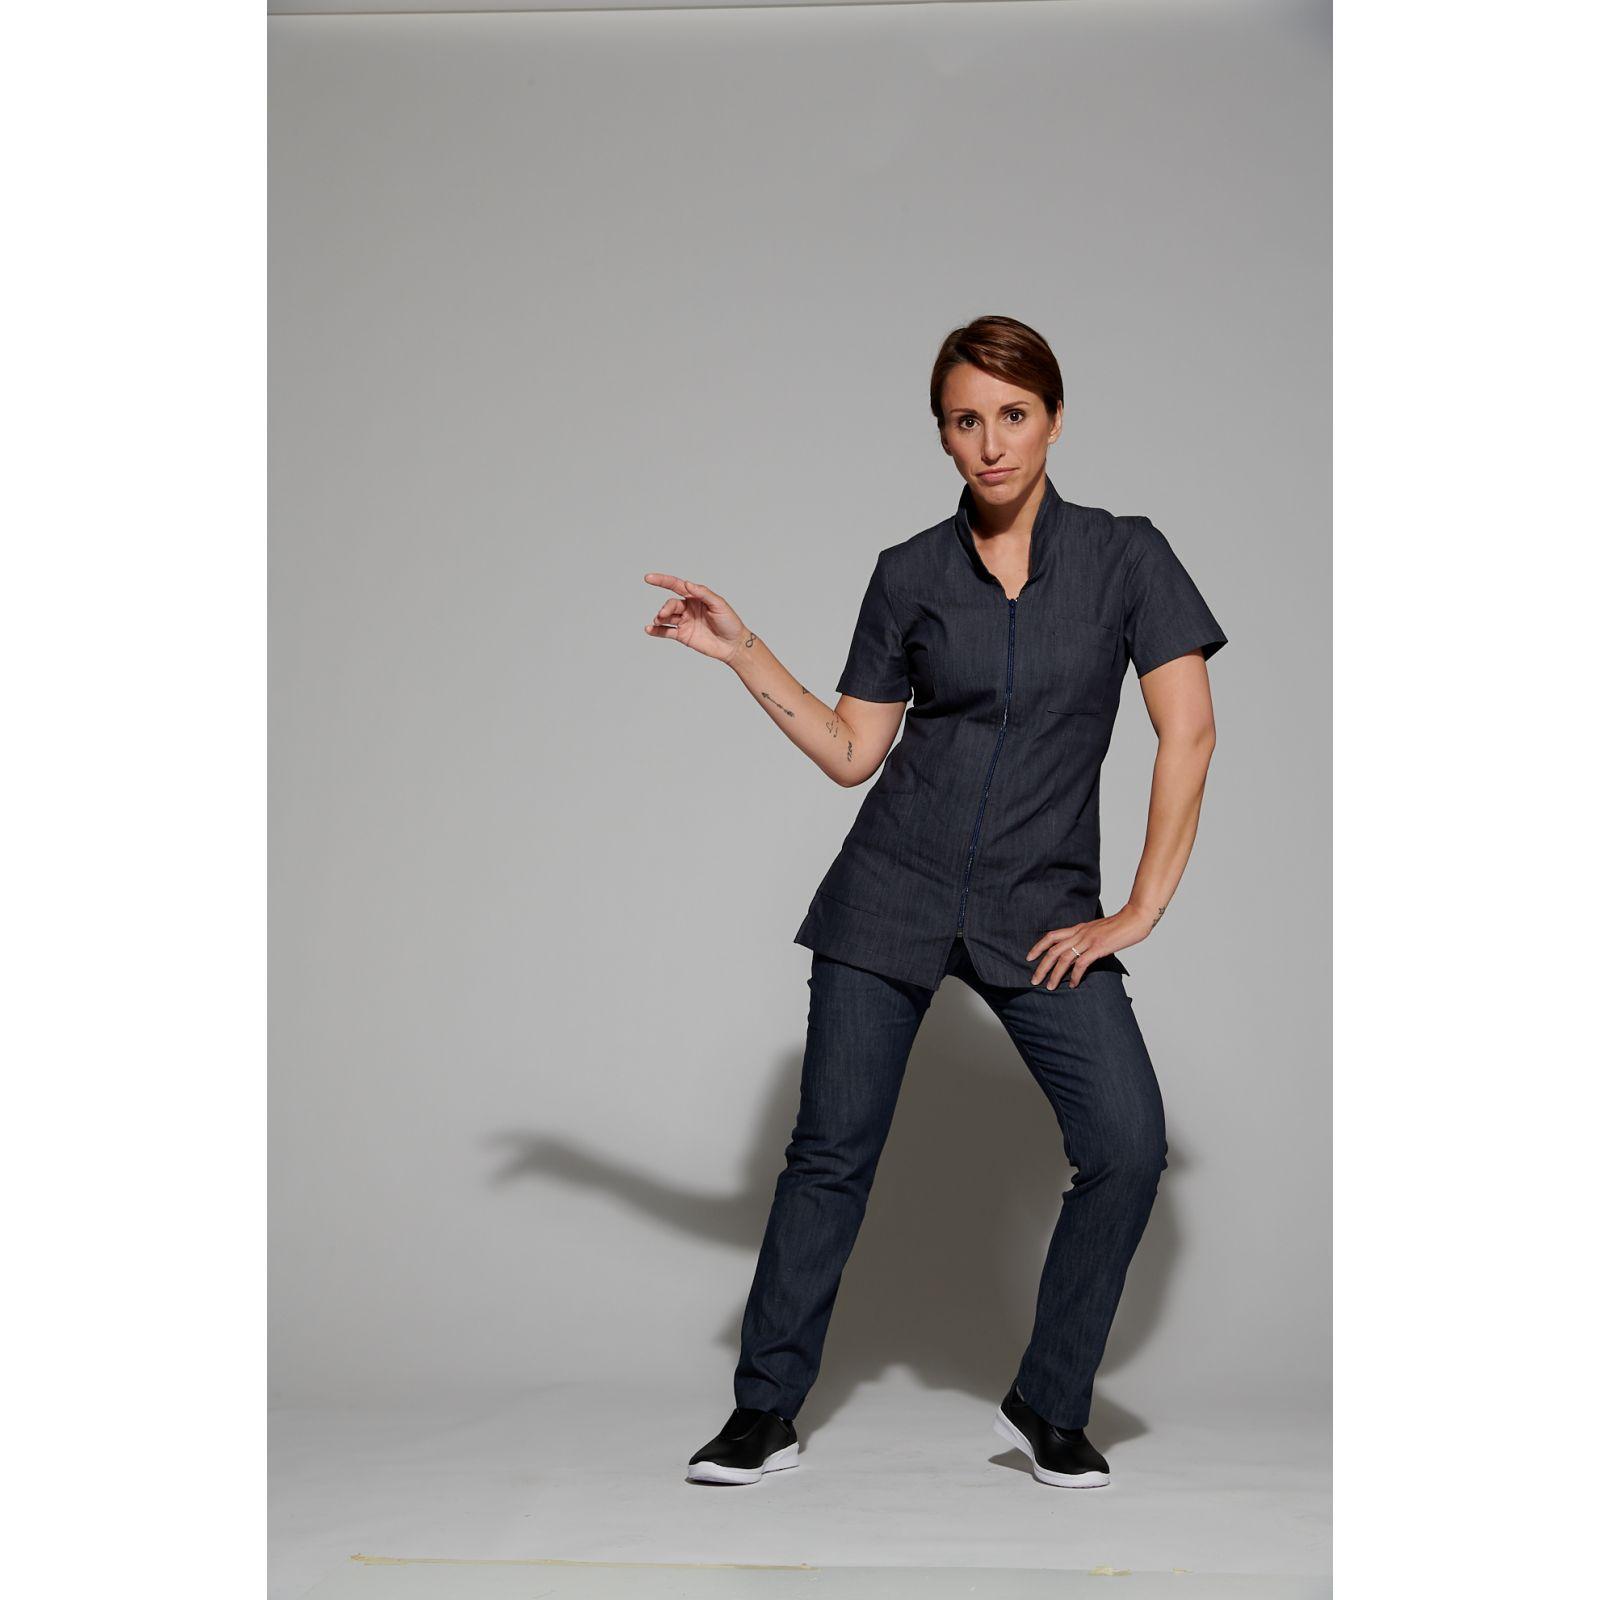 Blouse Médicale Femme Denim Uni, Trendy, couleur effet jean, vue de face, Camille Lavandie (2611)